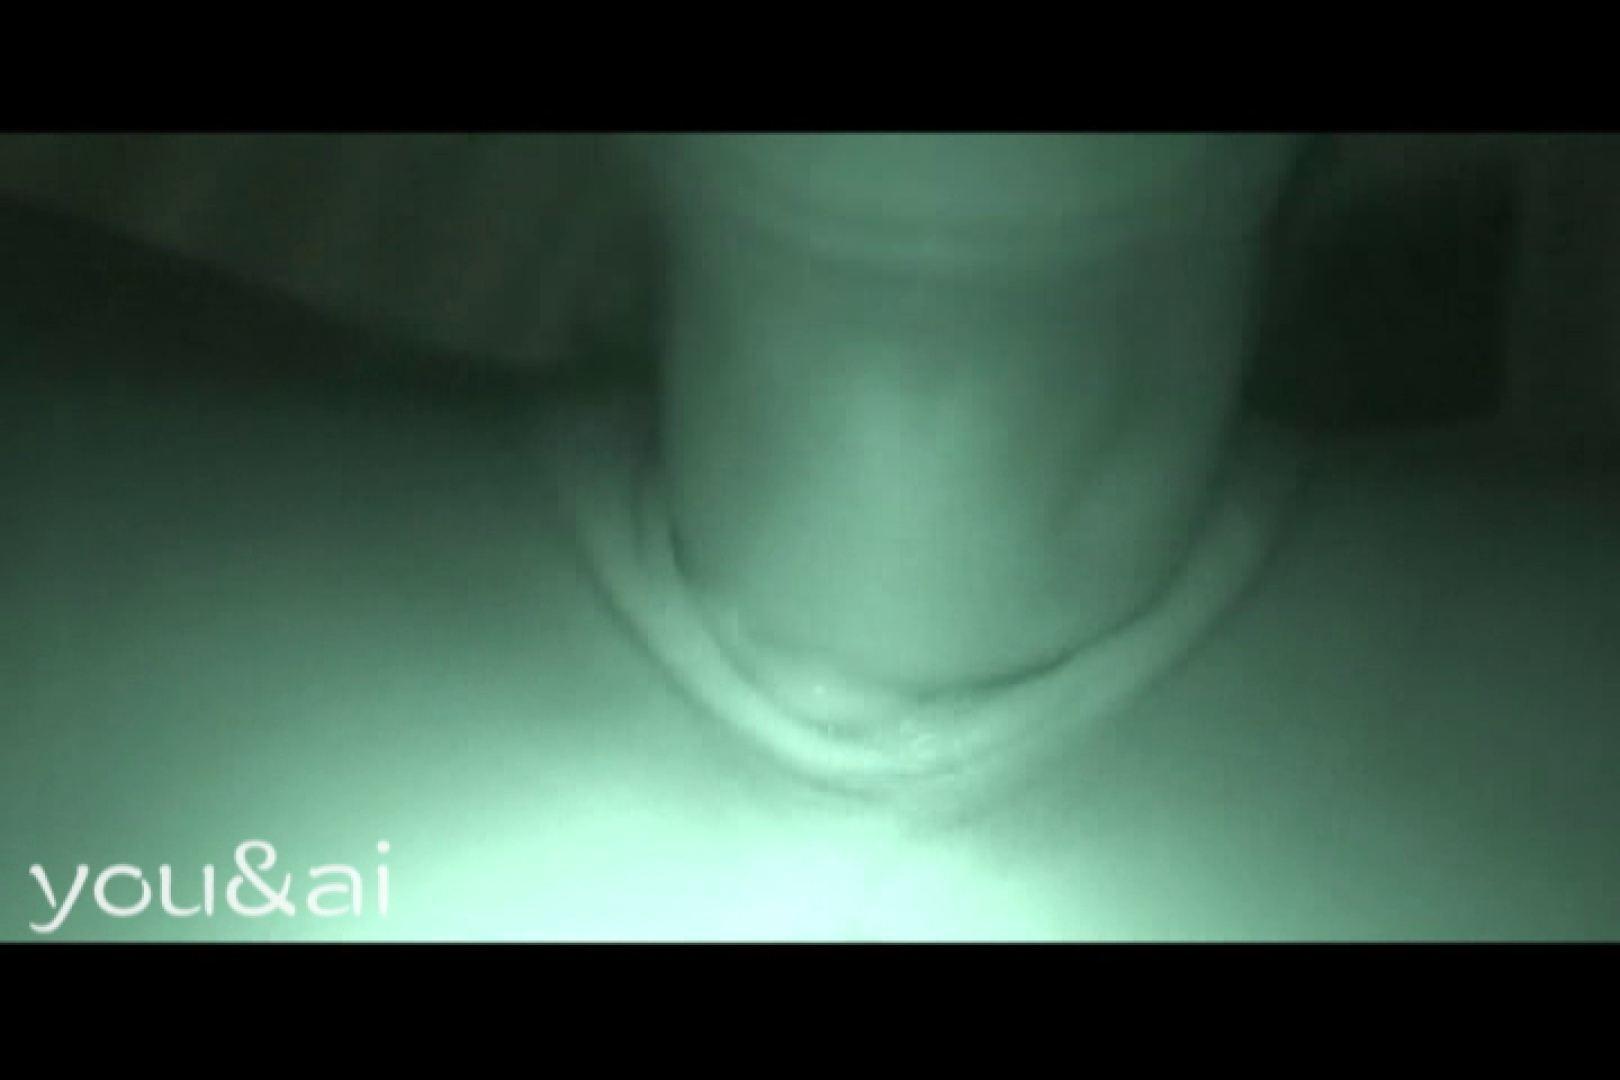 おしどり夫婦のyou&aiさん投稿作品vol.3 投稿 | すけべなOL  101画像 43